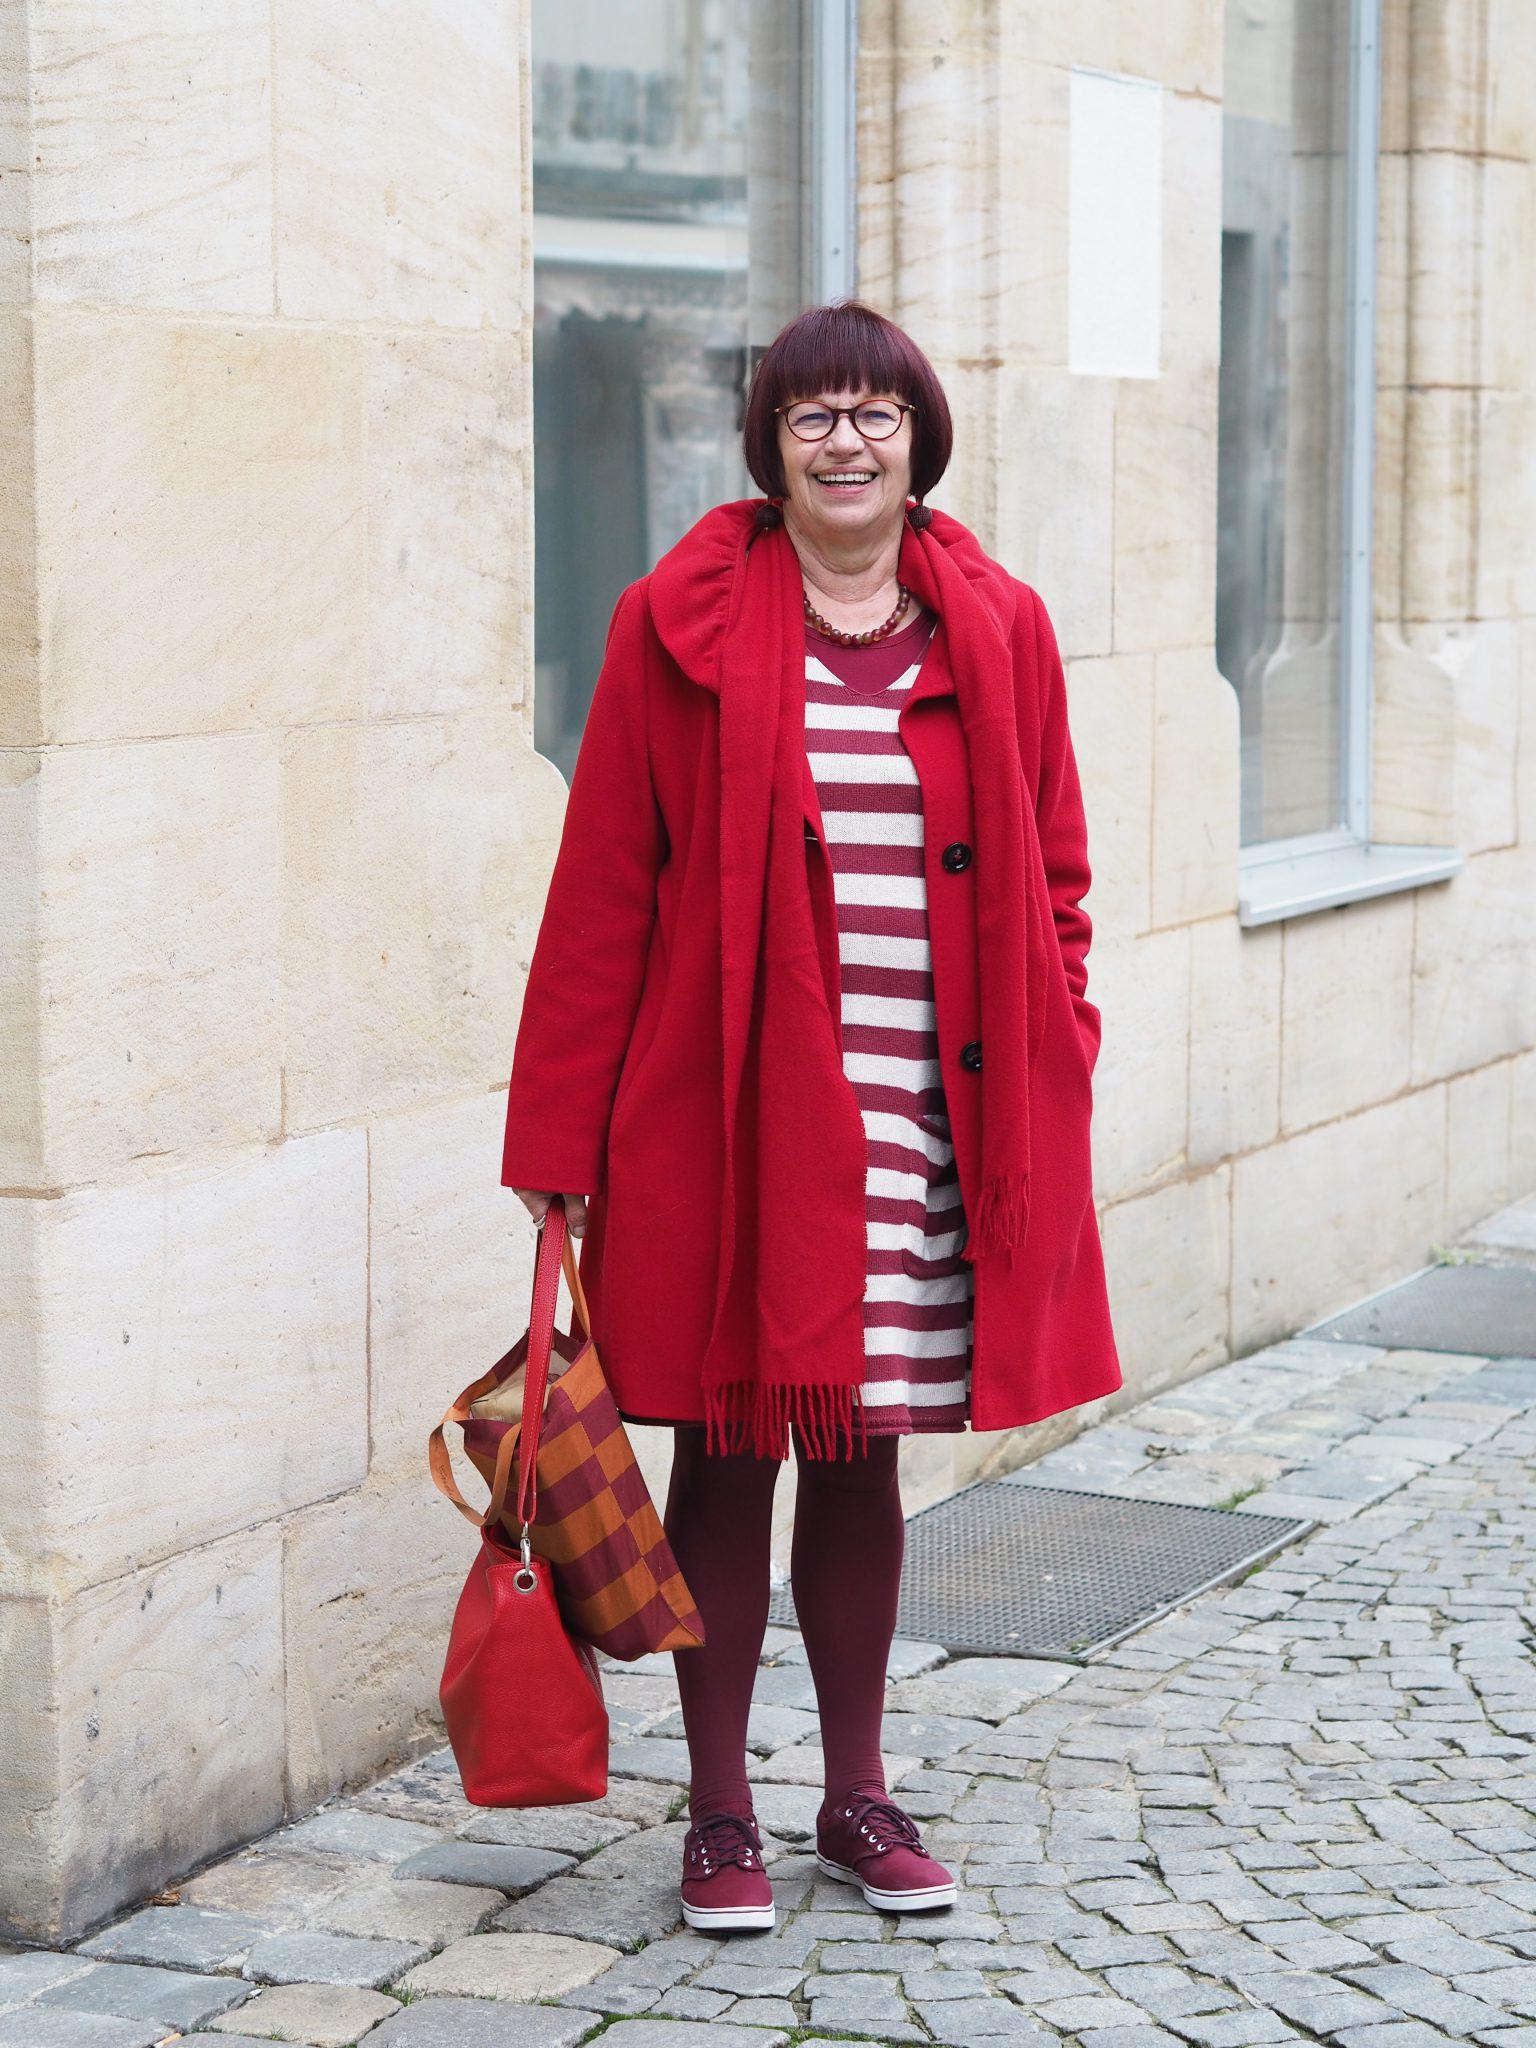 Stilheldin Monika im roten Kleid und Sneaker